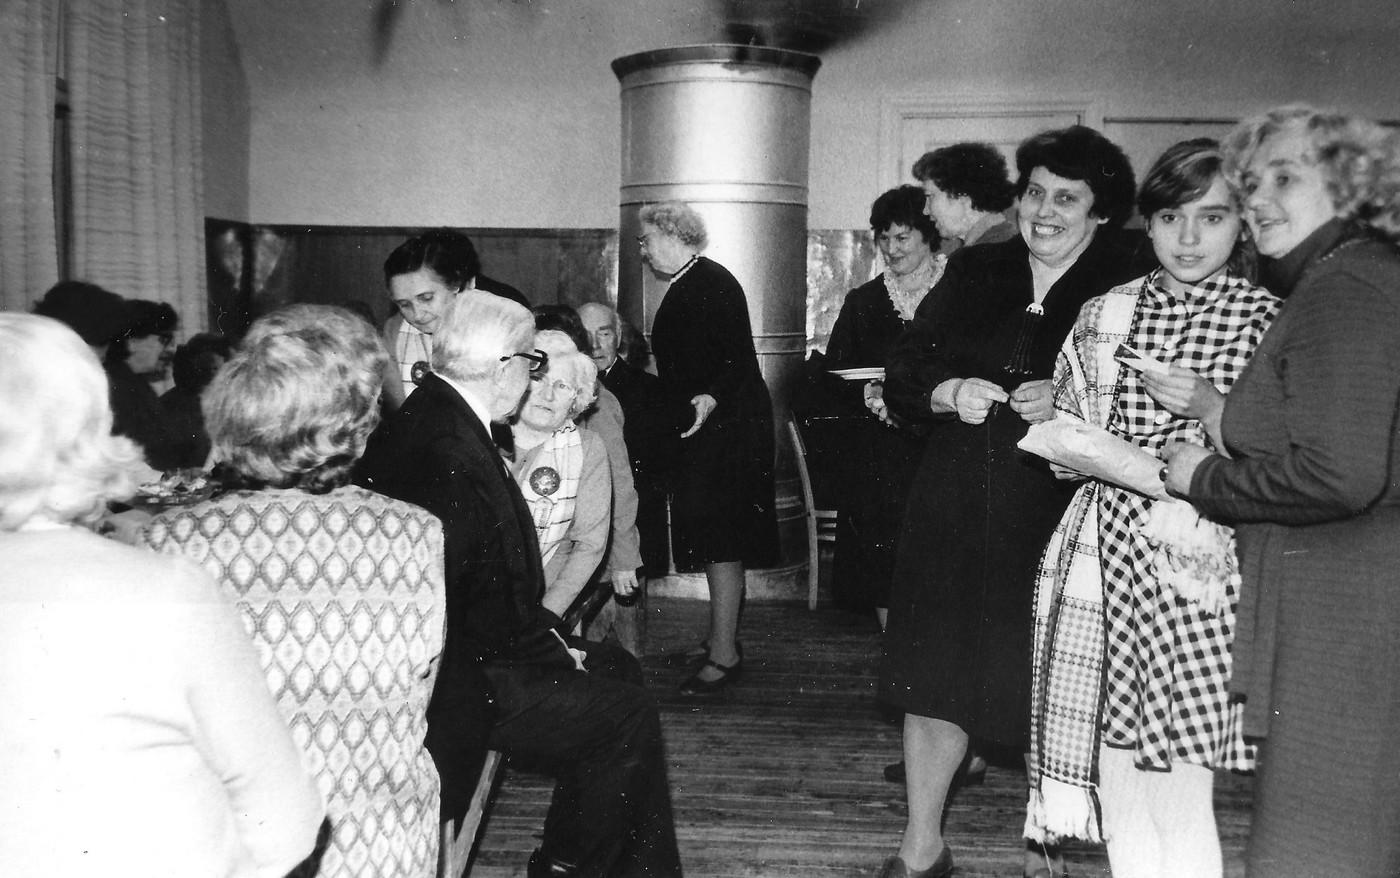 Pensionāru vakars Valles kultūras namā 1985. gadā - 1